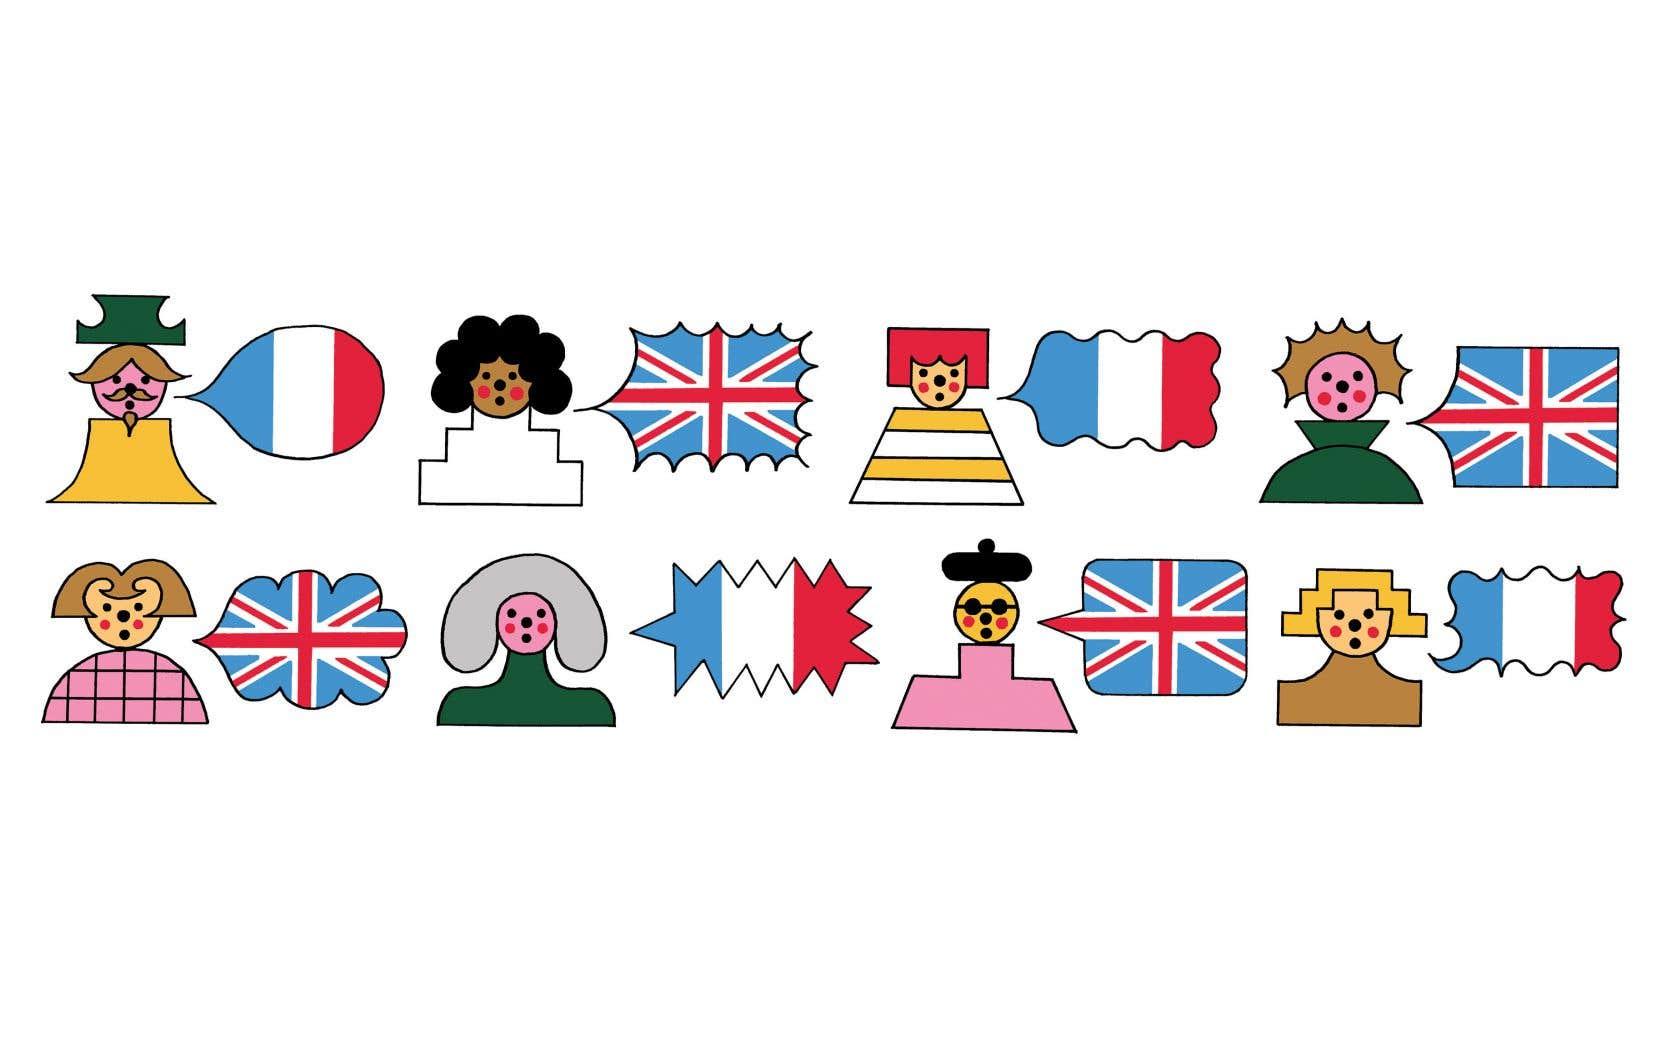 Dans l'Ouest canadien, on se demande par exemple si ce qu'on fait pour le français on ne devra pas l'accorder aussi à d'autres langues, puisqu'il existe dans cette portion de la fédération plusieurs groupes linguistiques différents.